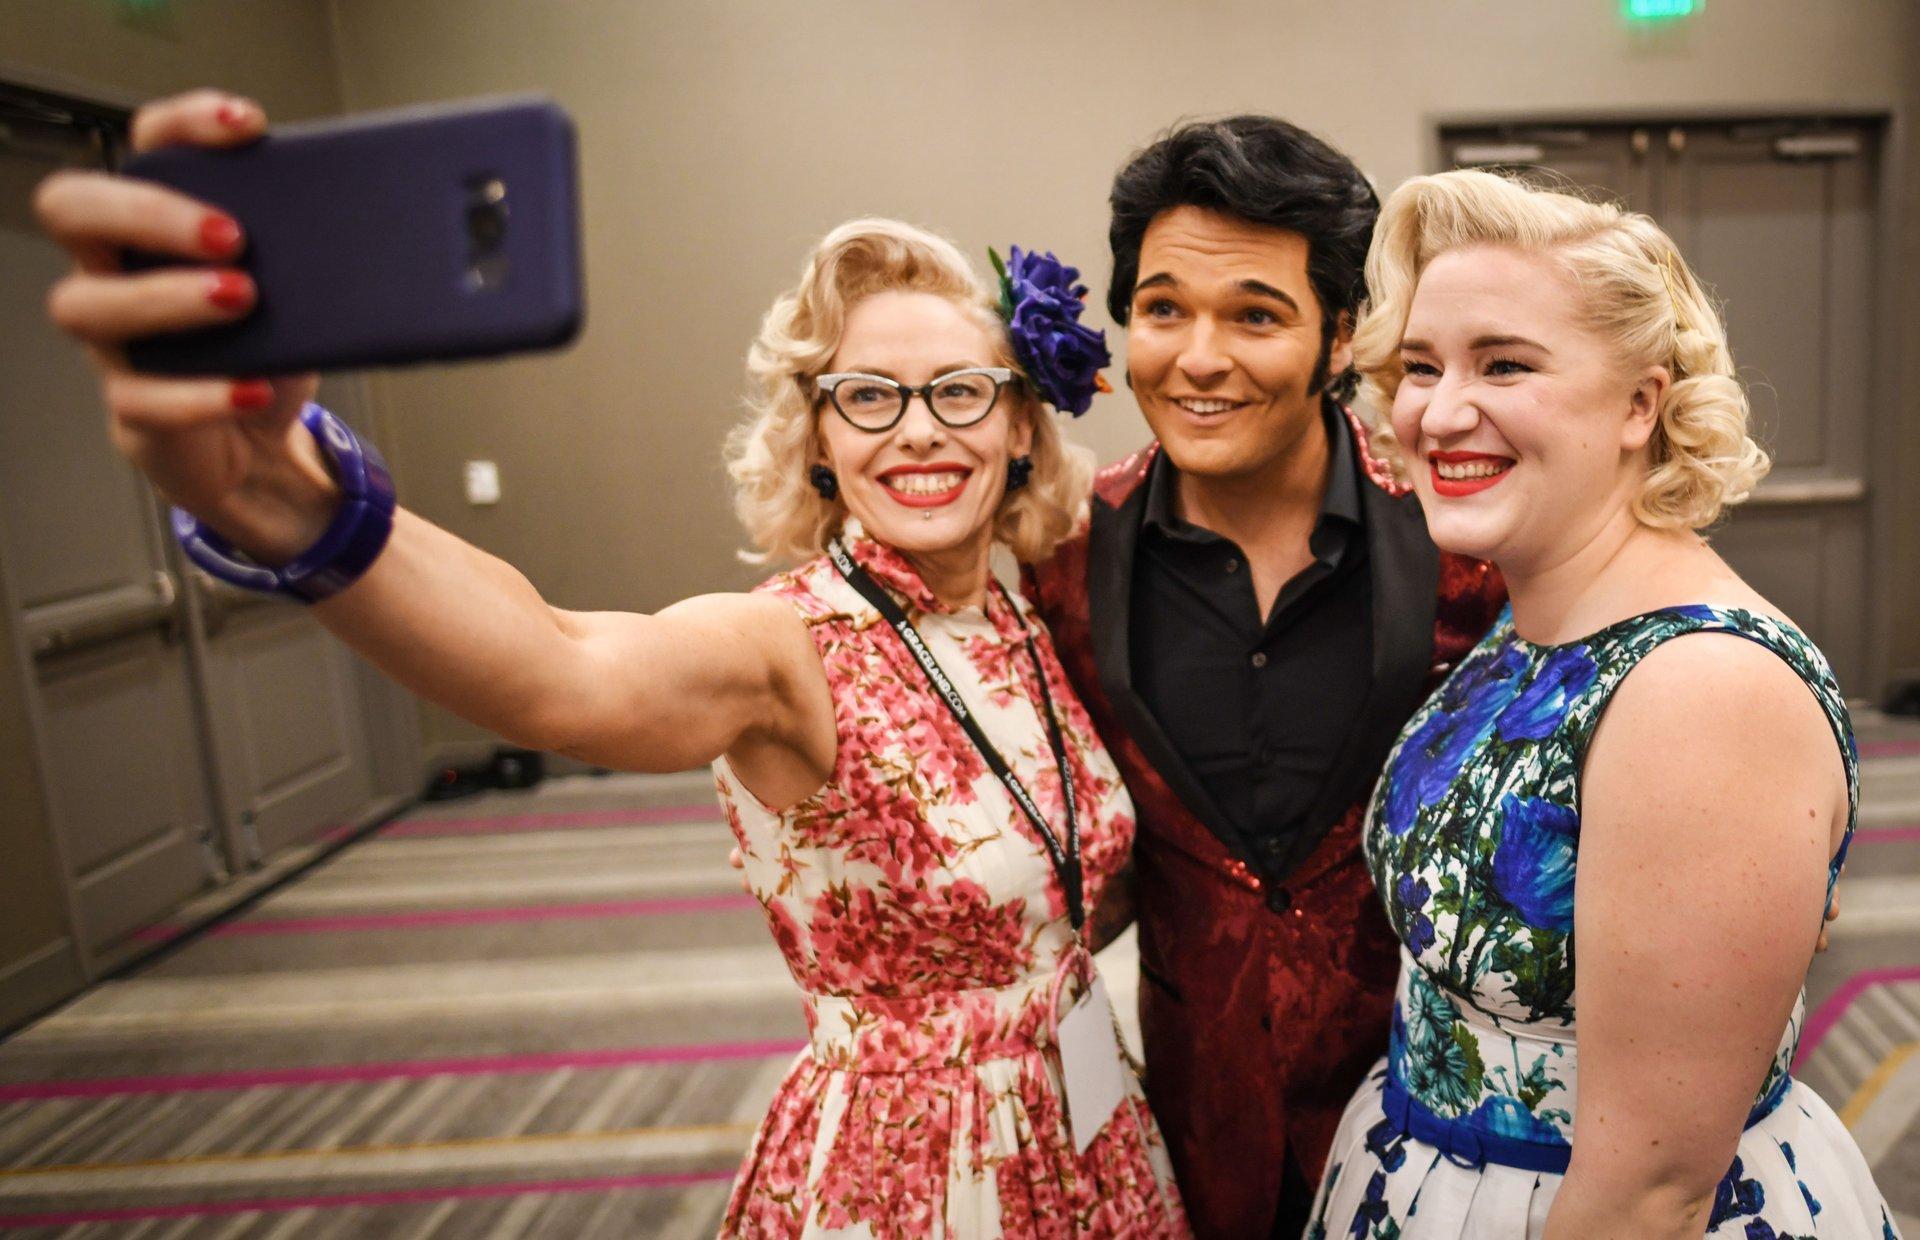 Elvis Week in Tennessee - Best Season 2020